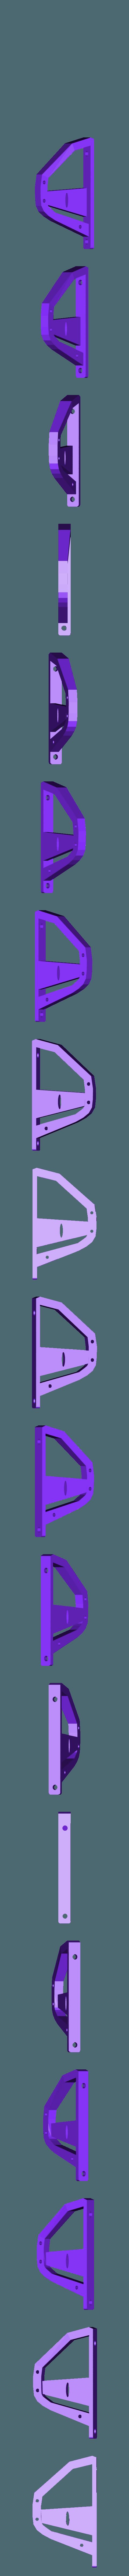 split_x140_15_r.stl Télécharger fichier STL gratuit Helifar X140 Pro - Runcam Split - montage par le haut • Design imprimable en 3D, noctaro